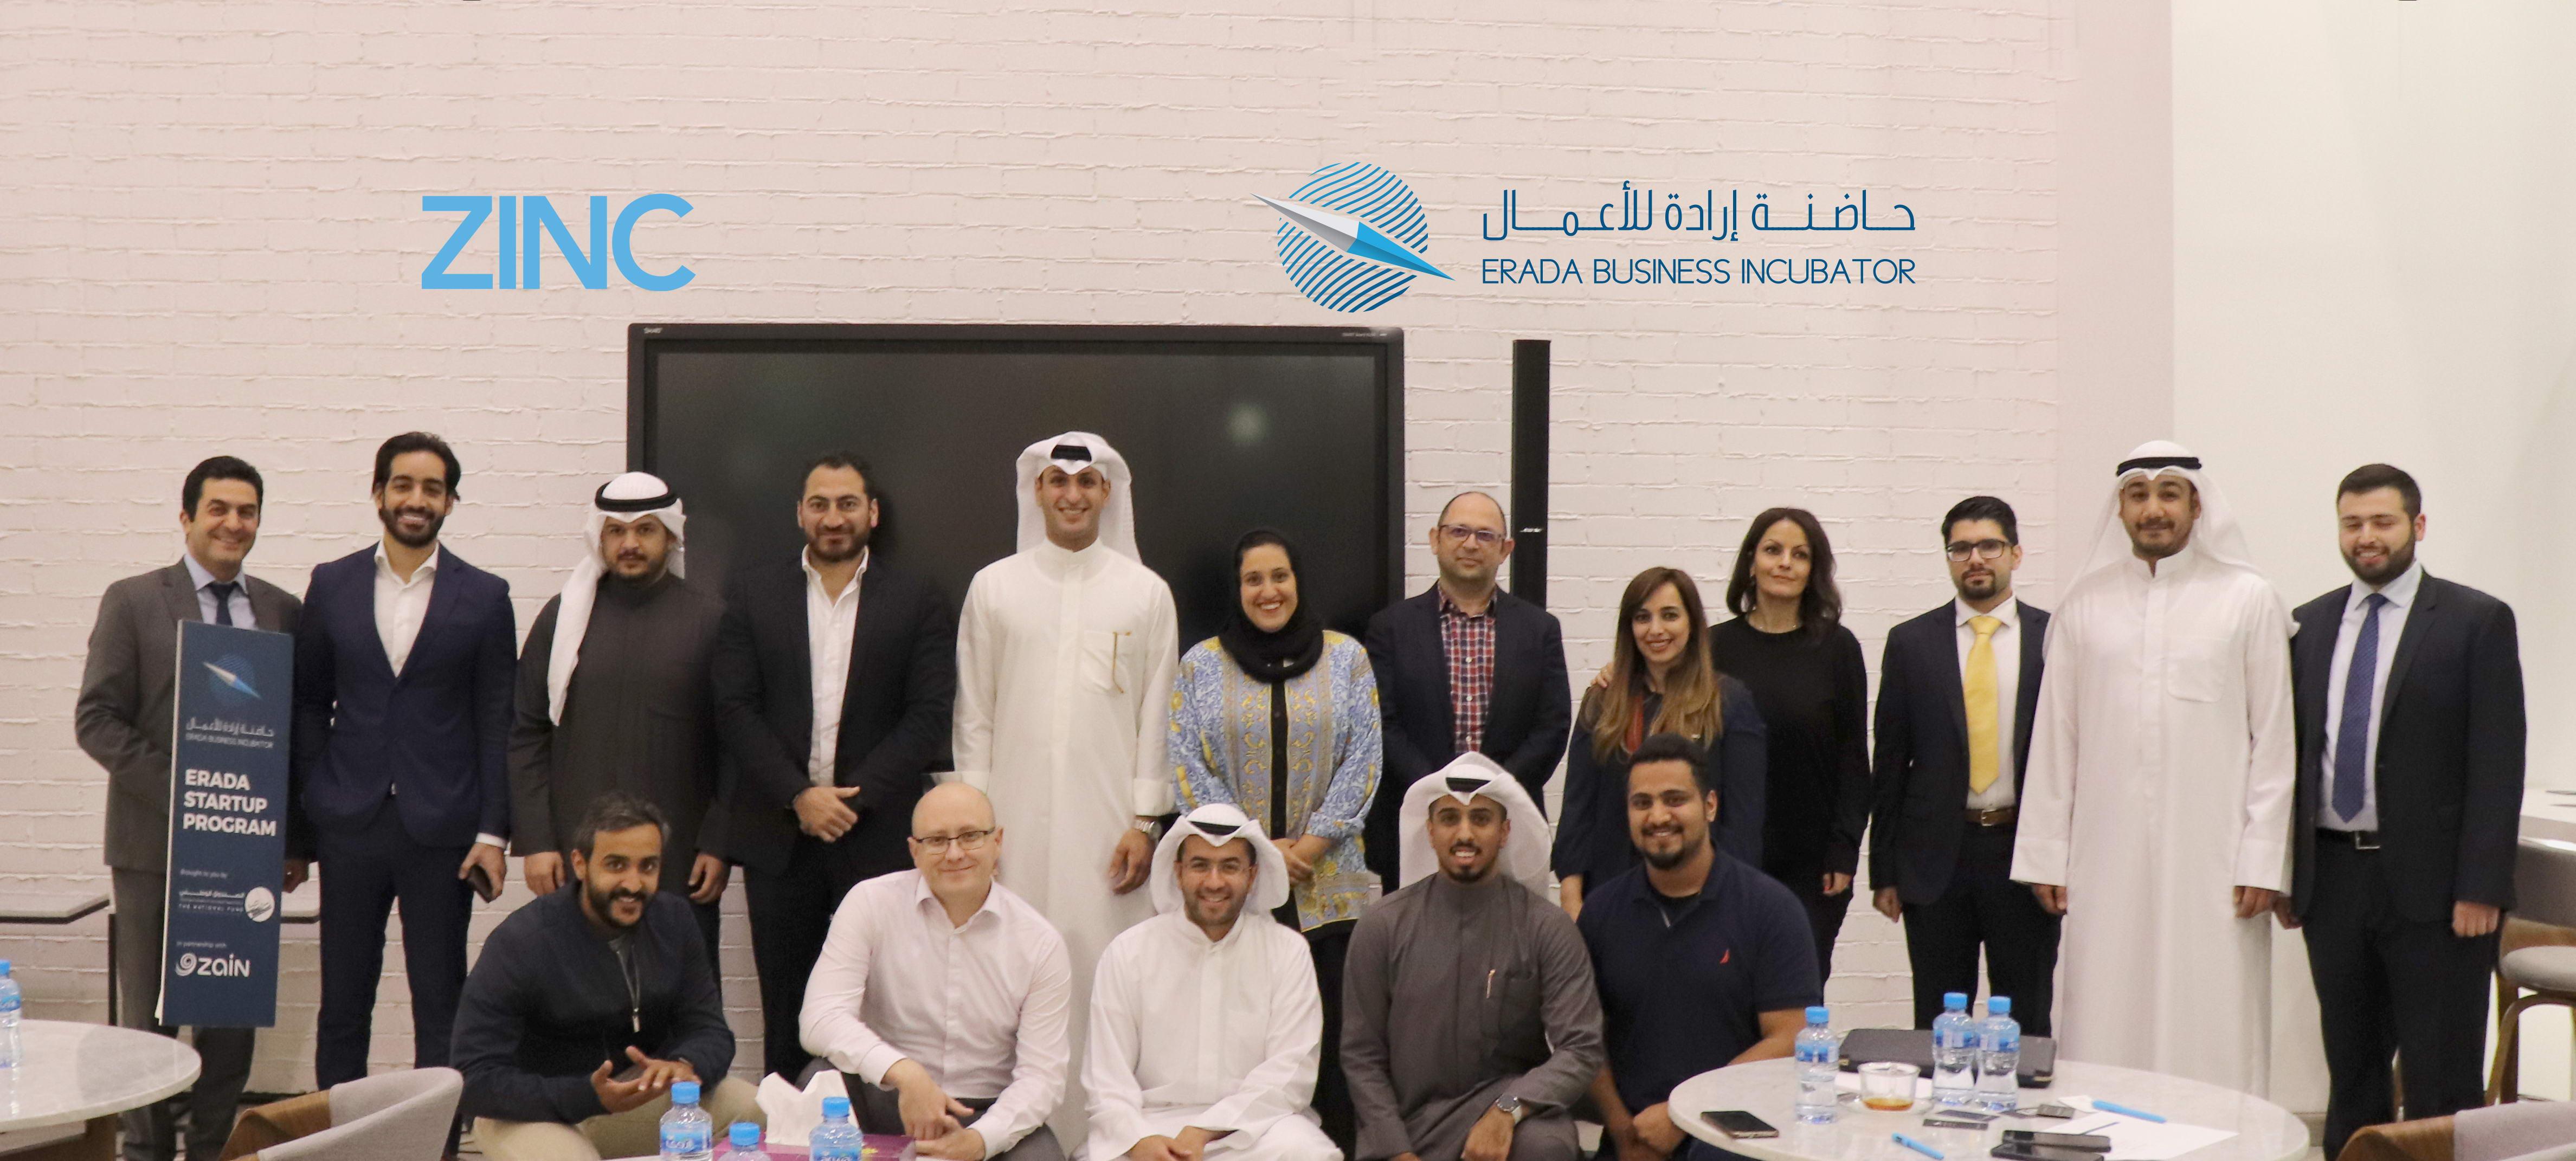 Six Kuwaiti startups pitch at Erada Business Incubator program held at ZINC